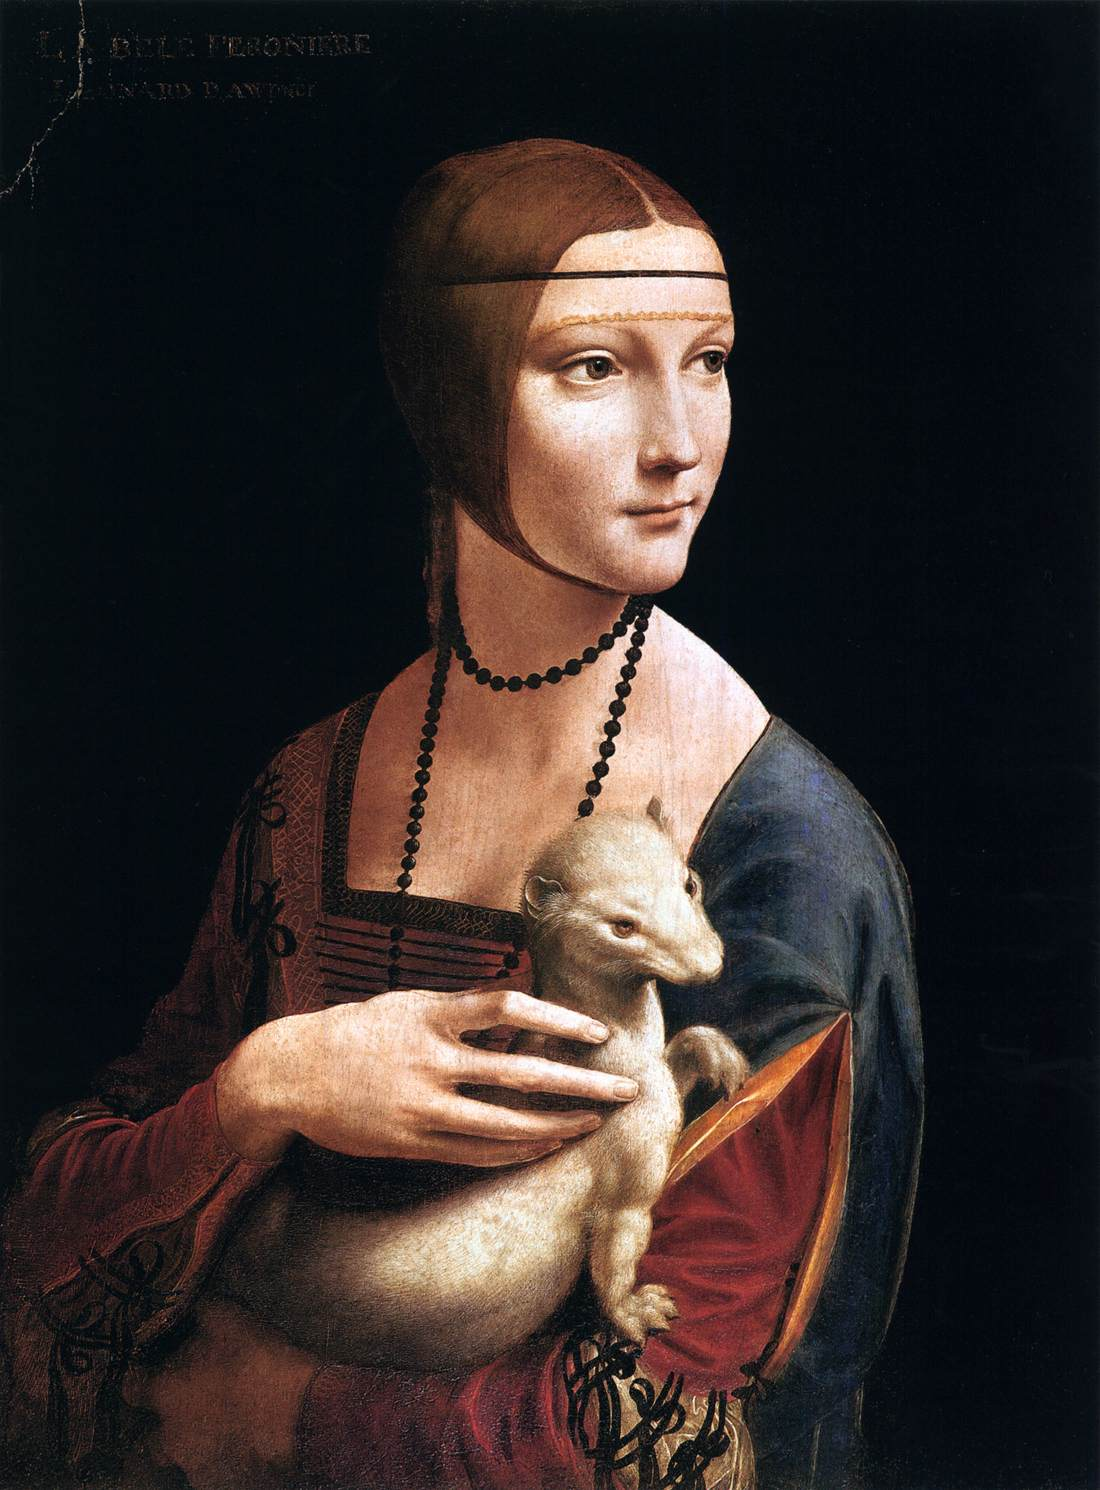 The Lady with the Ermine (Cecilia Gallerani), 1496